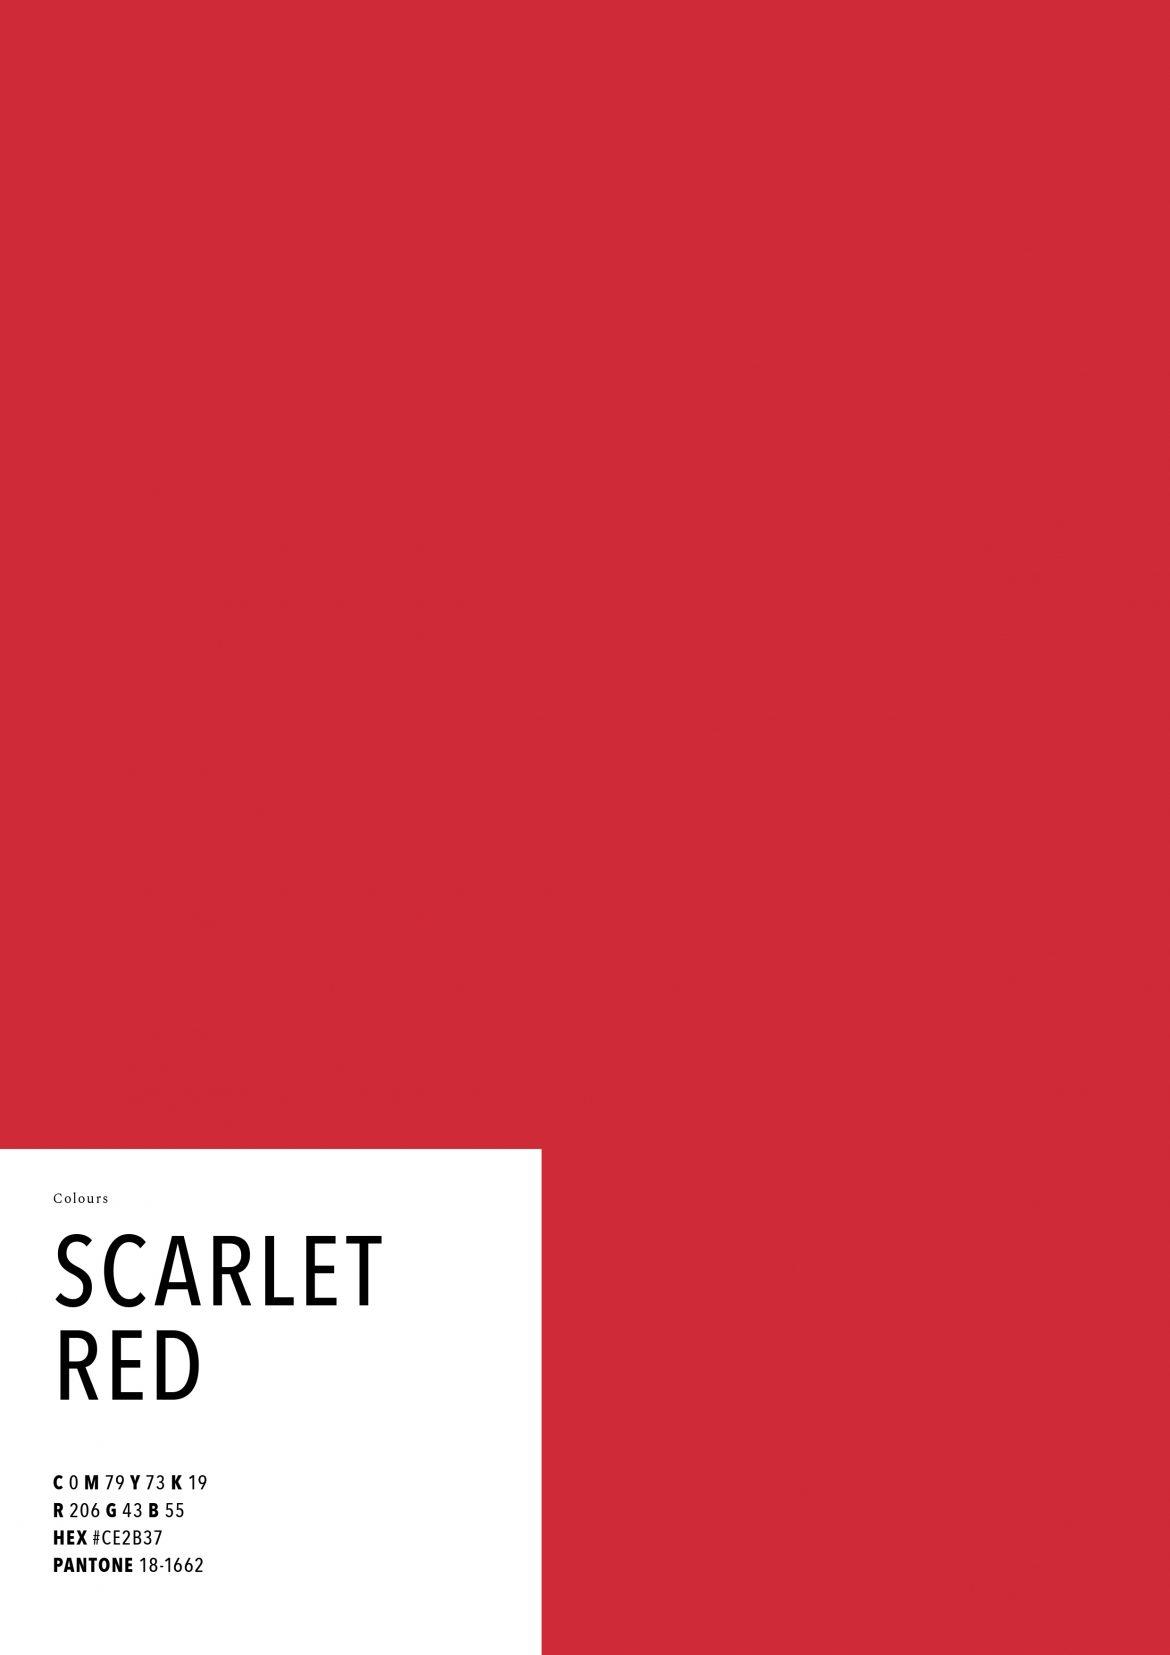 das farbe trendbuch 2018 scarlet rot wohnen mit klassikern. Black Bedroom Furniture Sets. Home Design Ideas